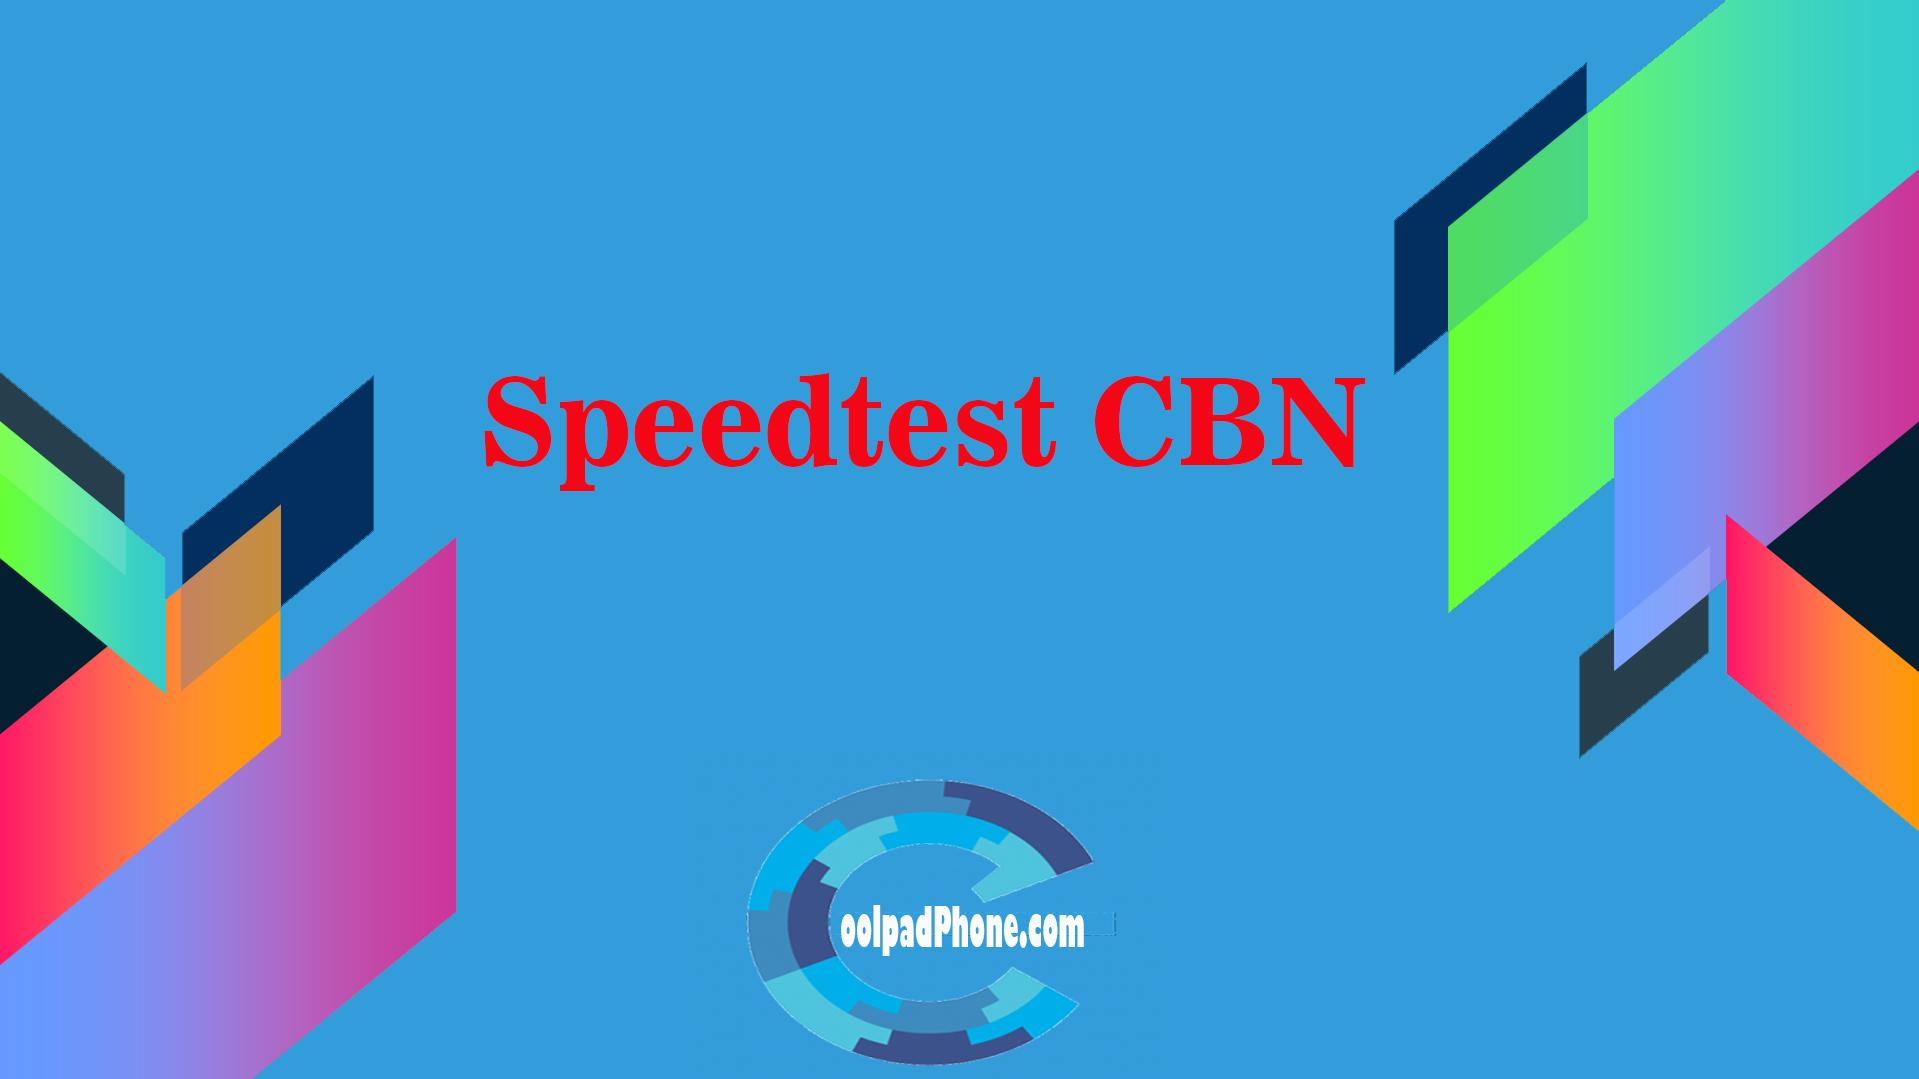 Speedtest CBN